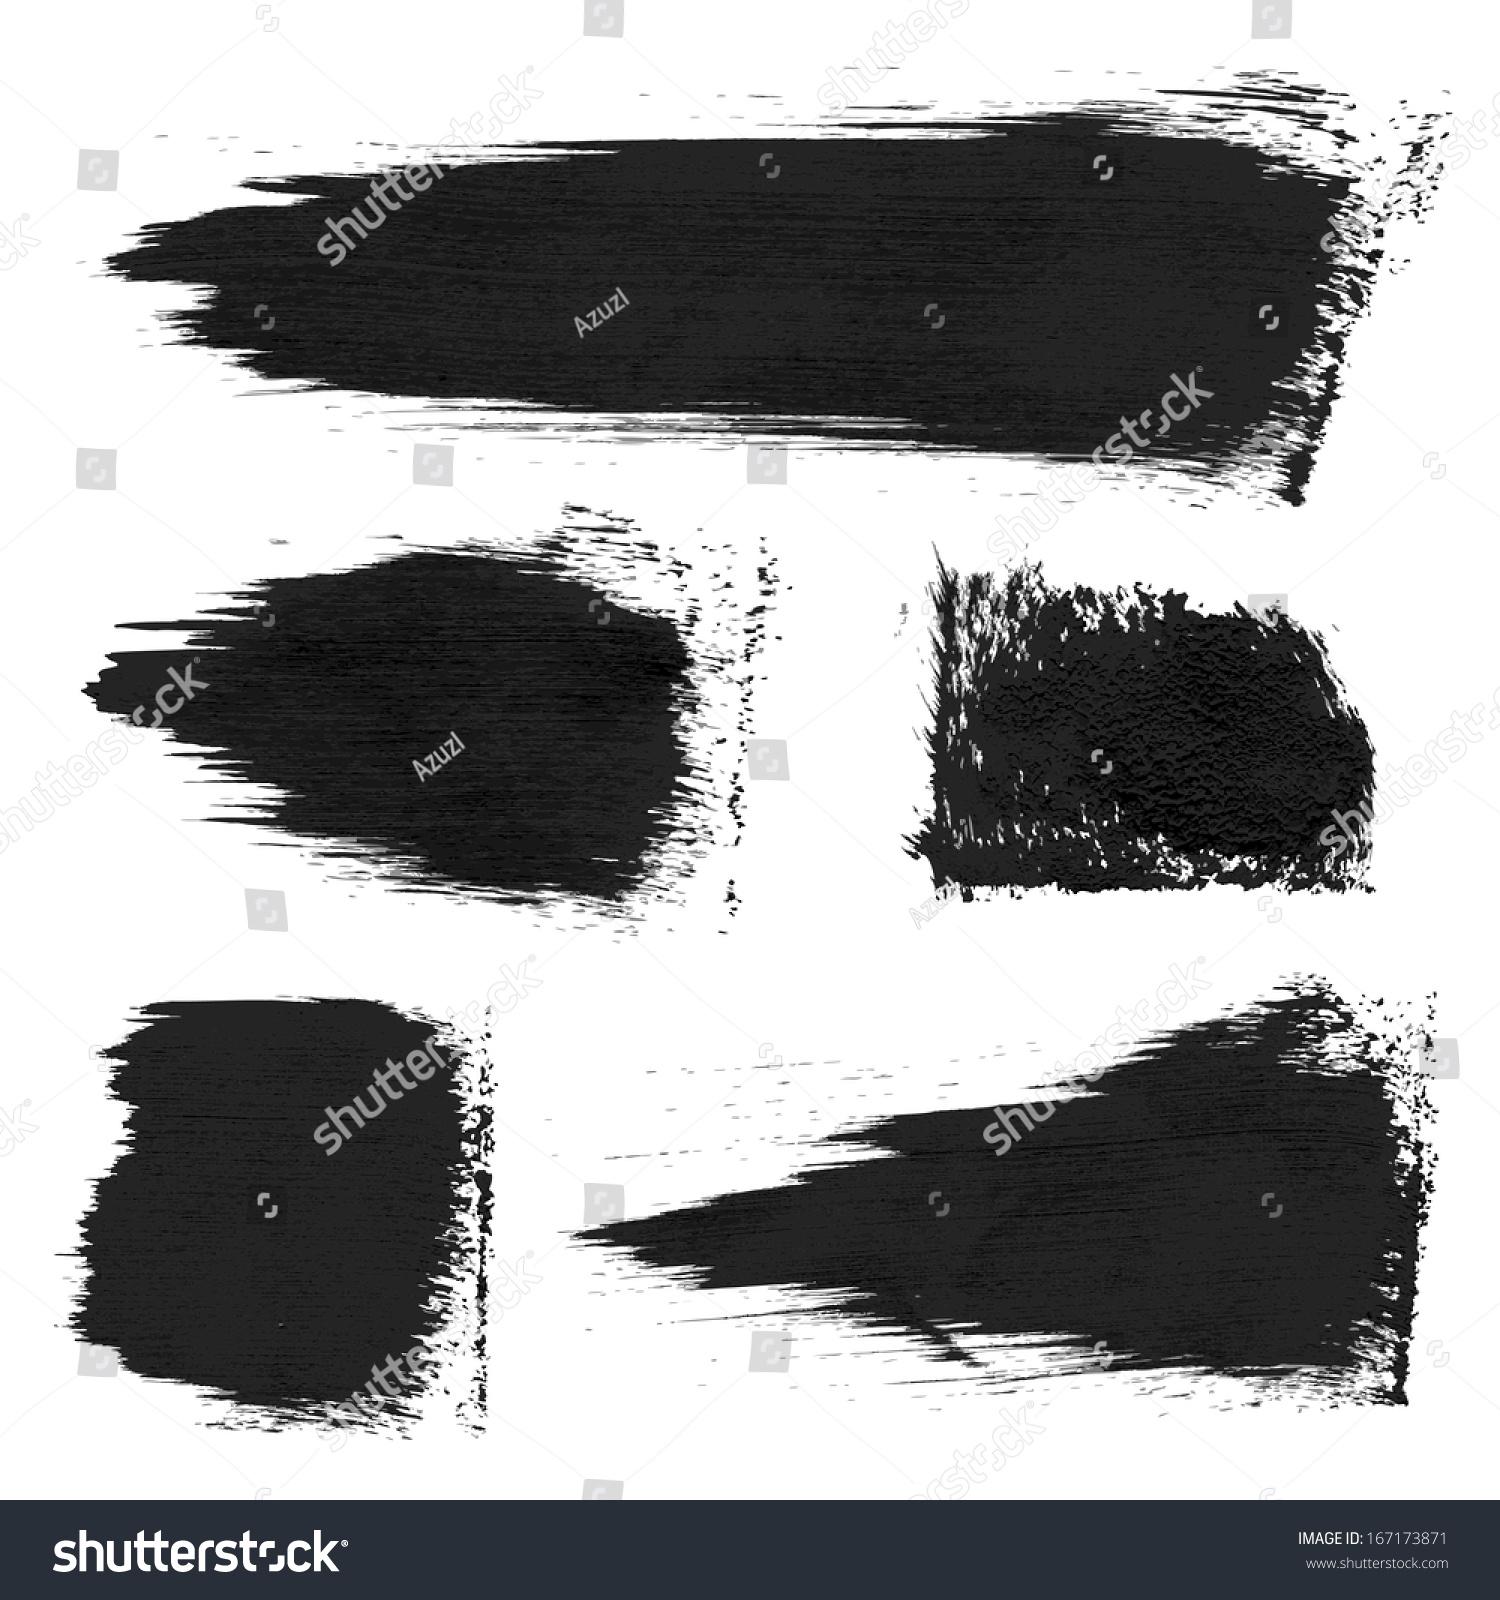 Papier A Peindre Epais image vectorielle de stock de impressions brutes et coups de